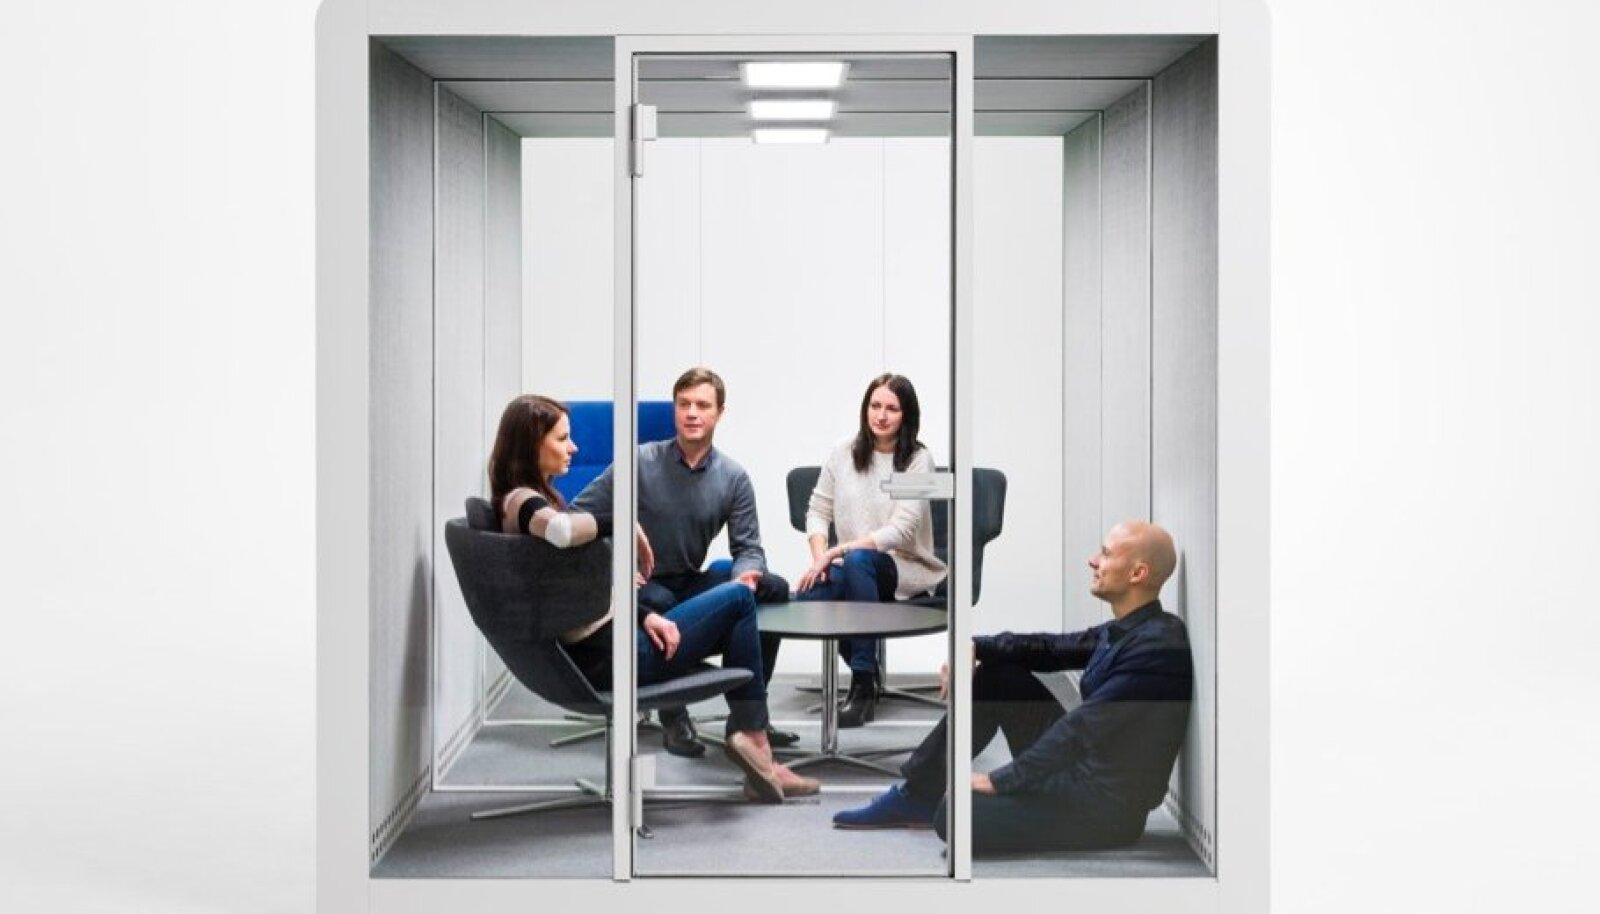 """Walleniumi kõne- ja koosolekuteruumiboks """"Silen Space""""."""